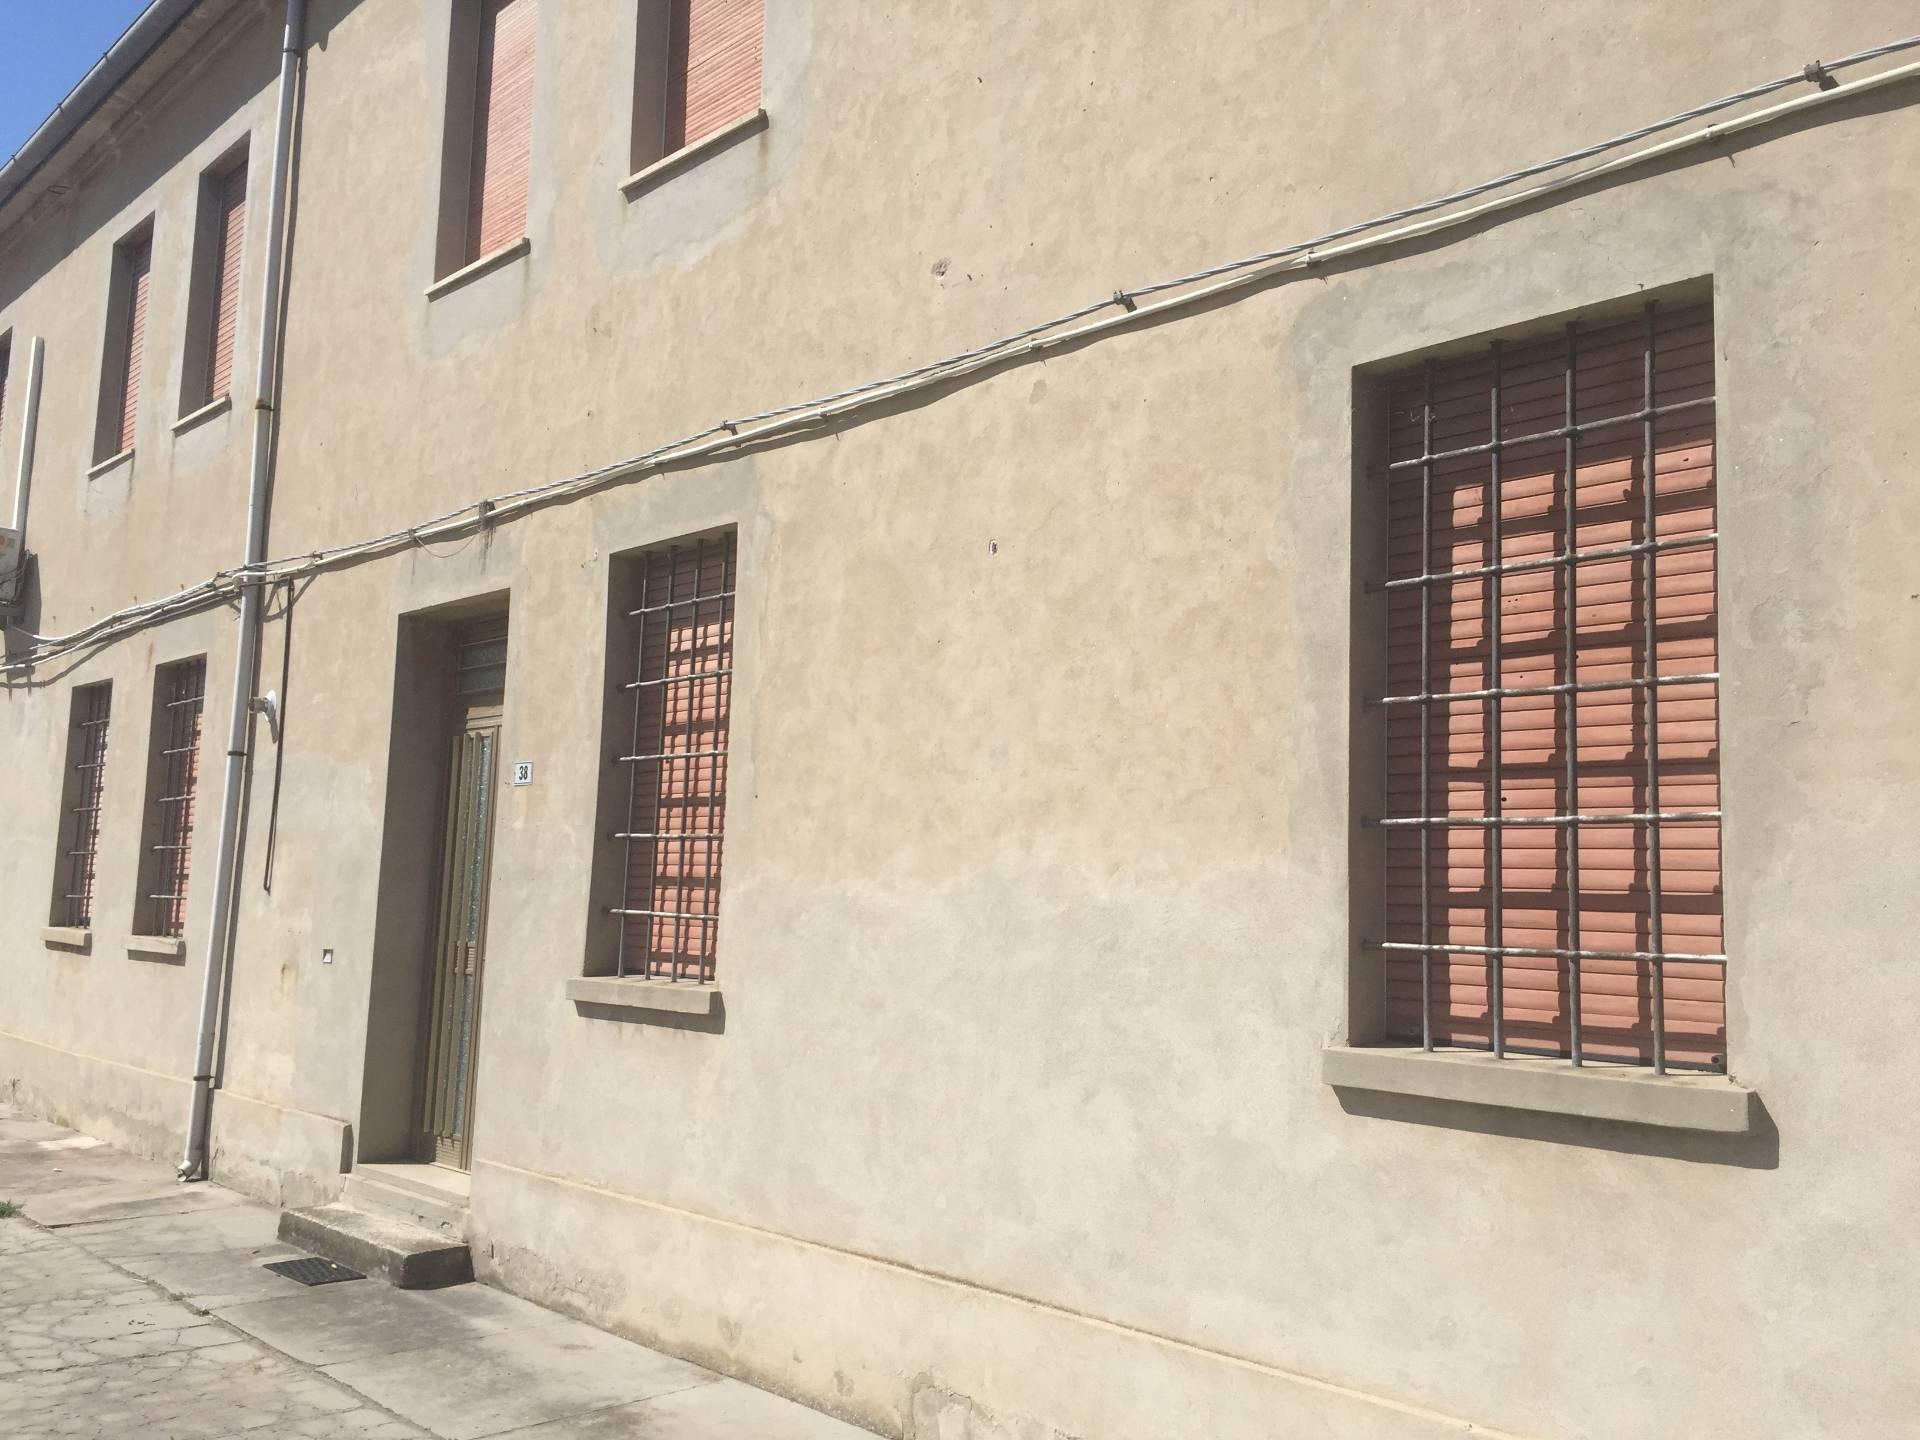 Ufficio / Studio in affitto a Ro, 9999 locali, zona Zona: Ruina, prezzo € 350   CambioCasa.it